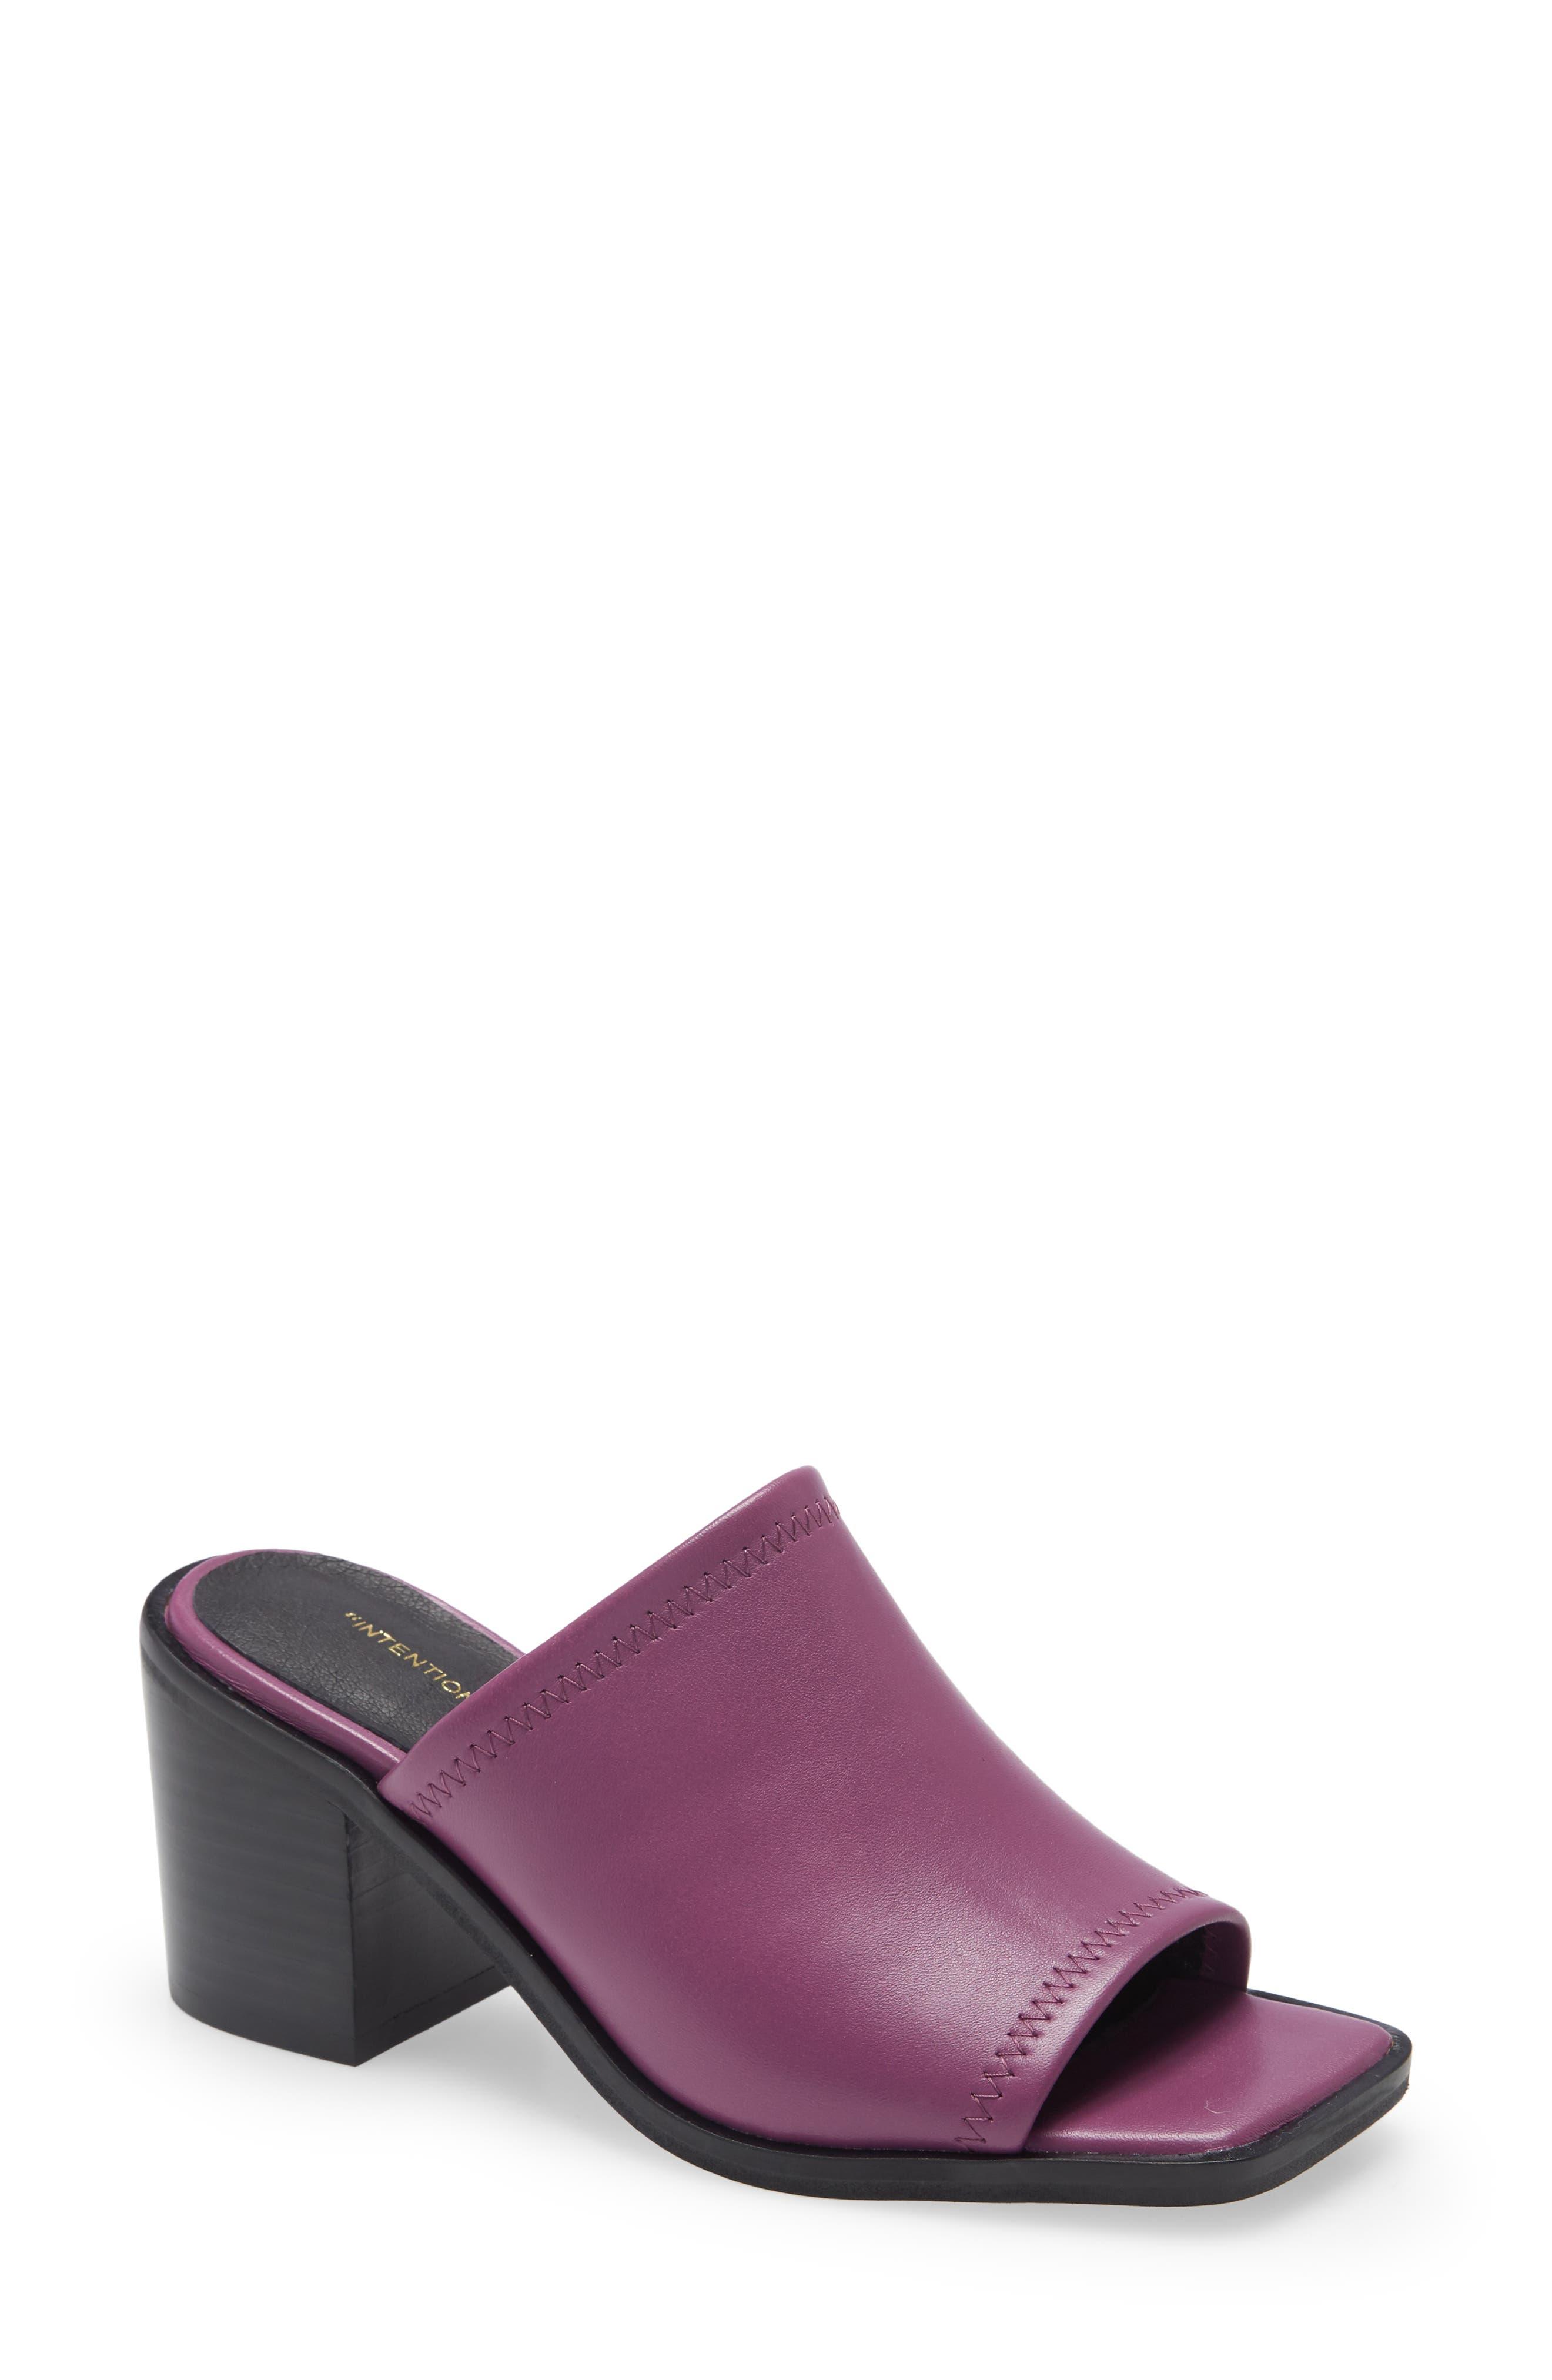 Imply Slide Sandal